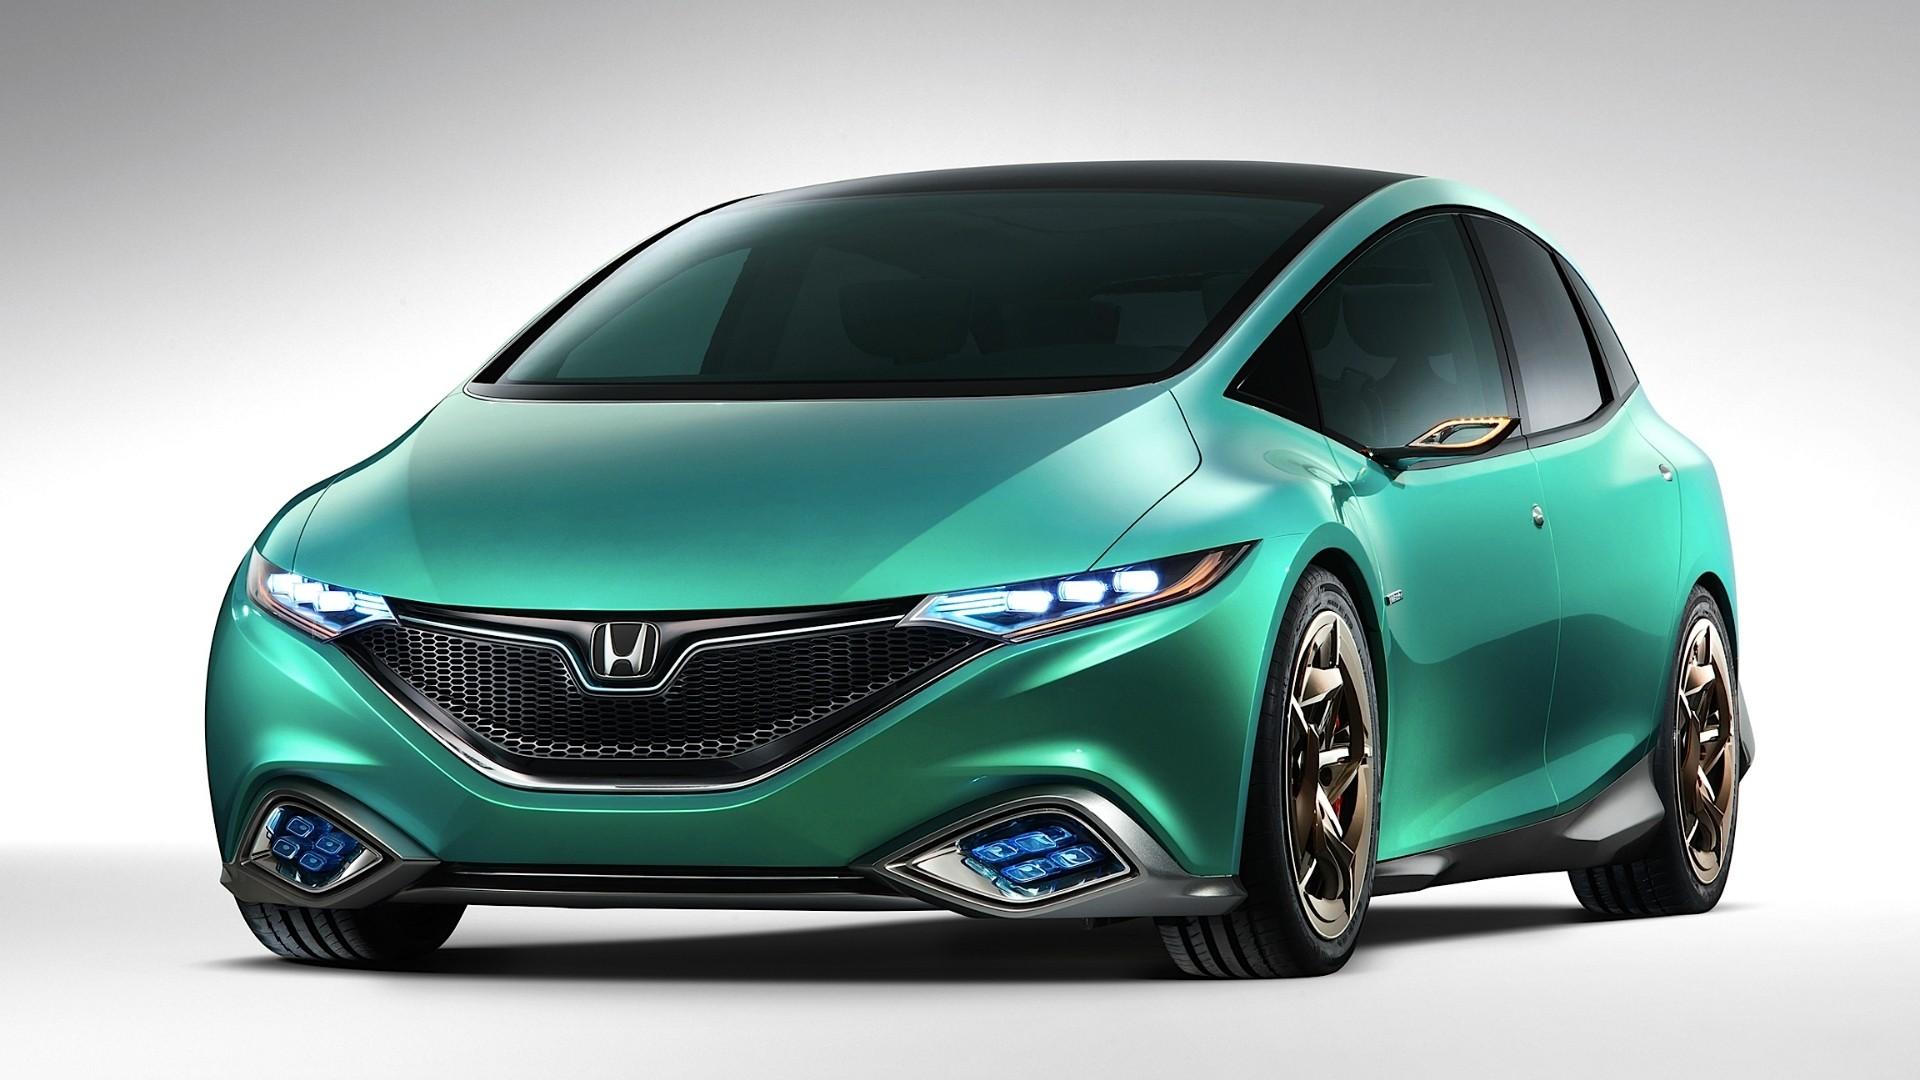 New concept honda car hd wallpaper for Future honda cars